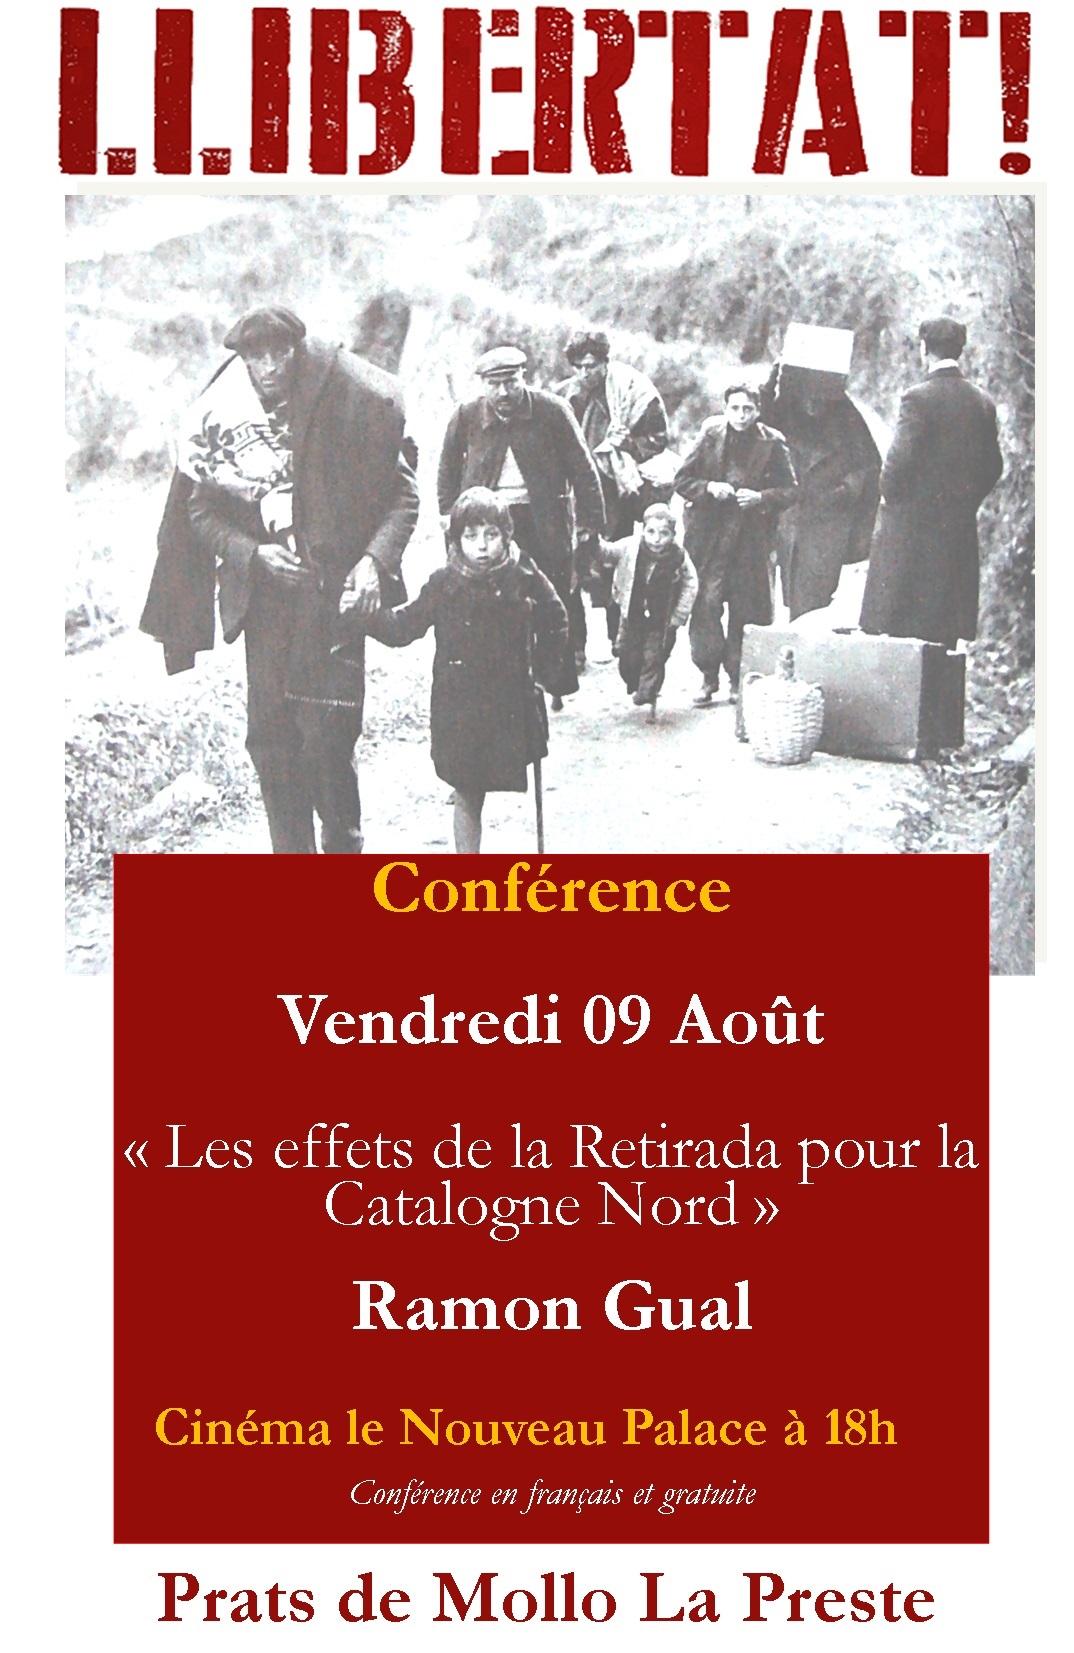 Conférence de Ramon Gual » Les effets de la Retirada pour la Catalogne Nord»